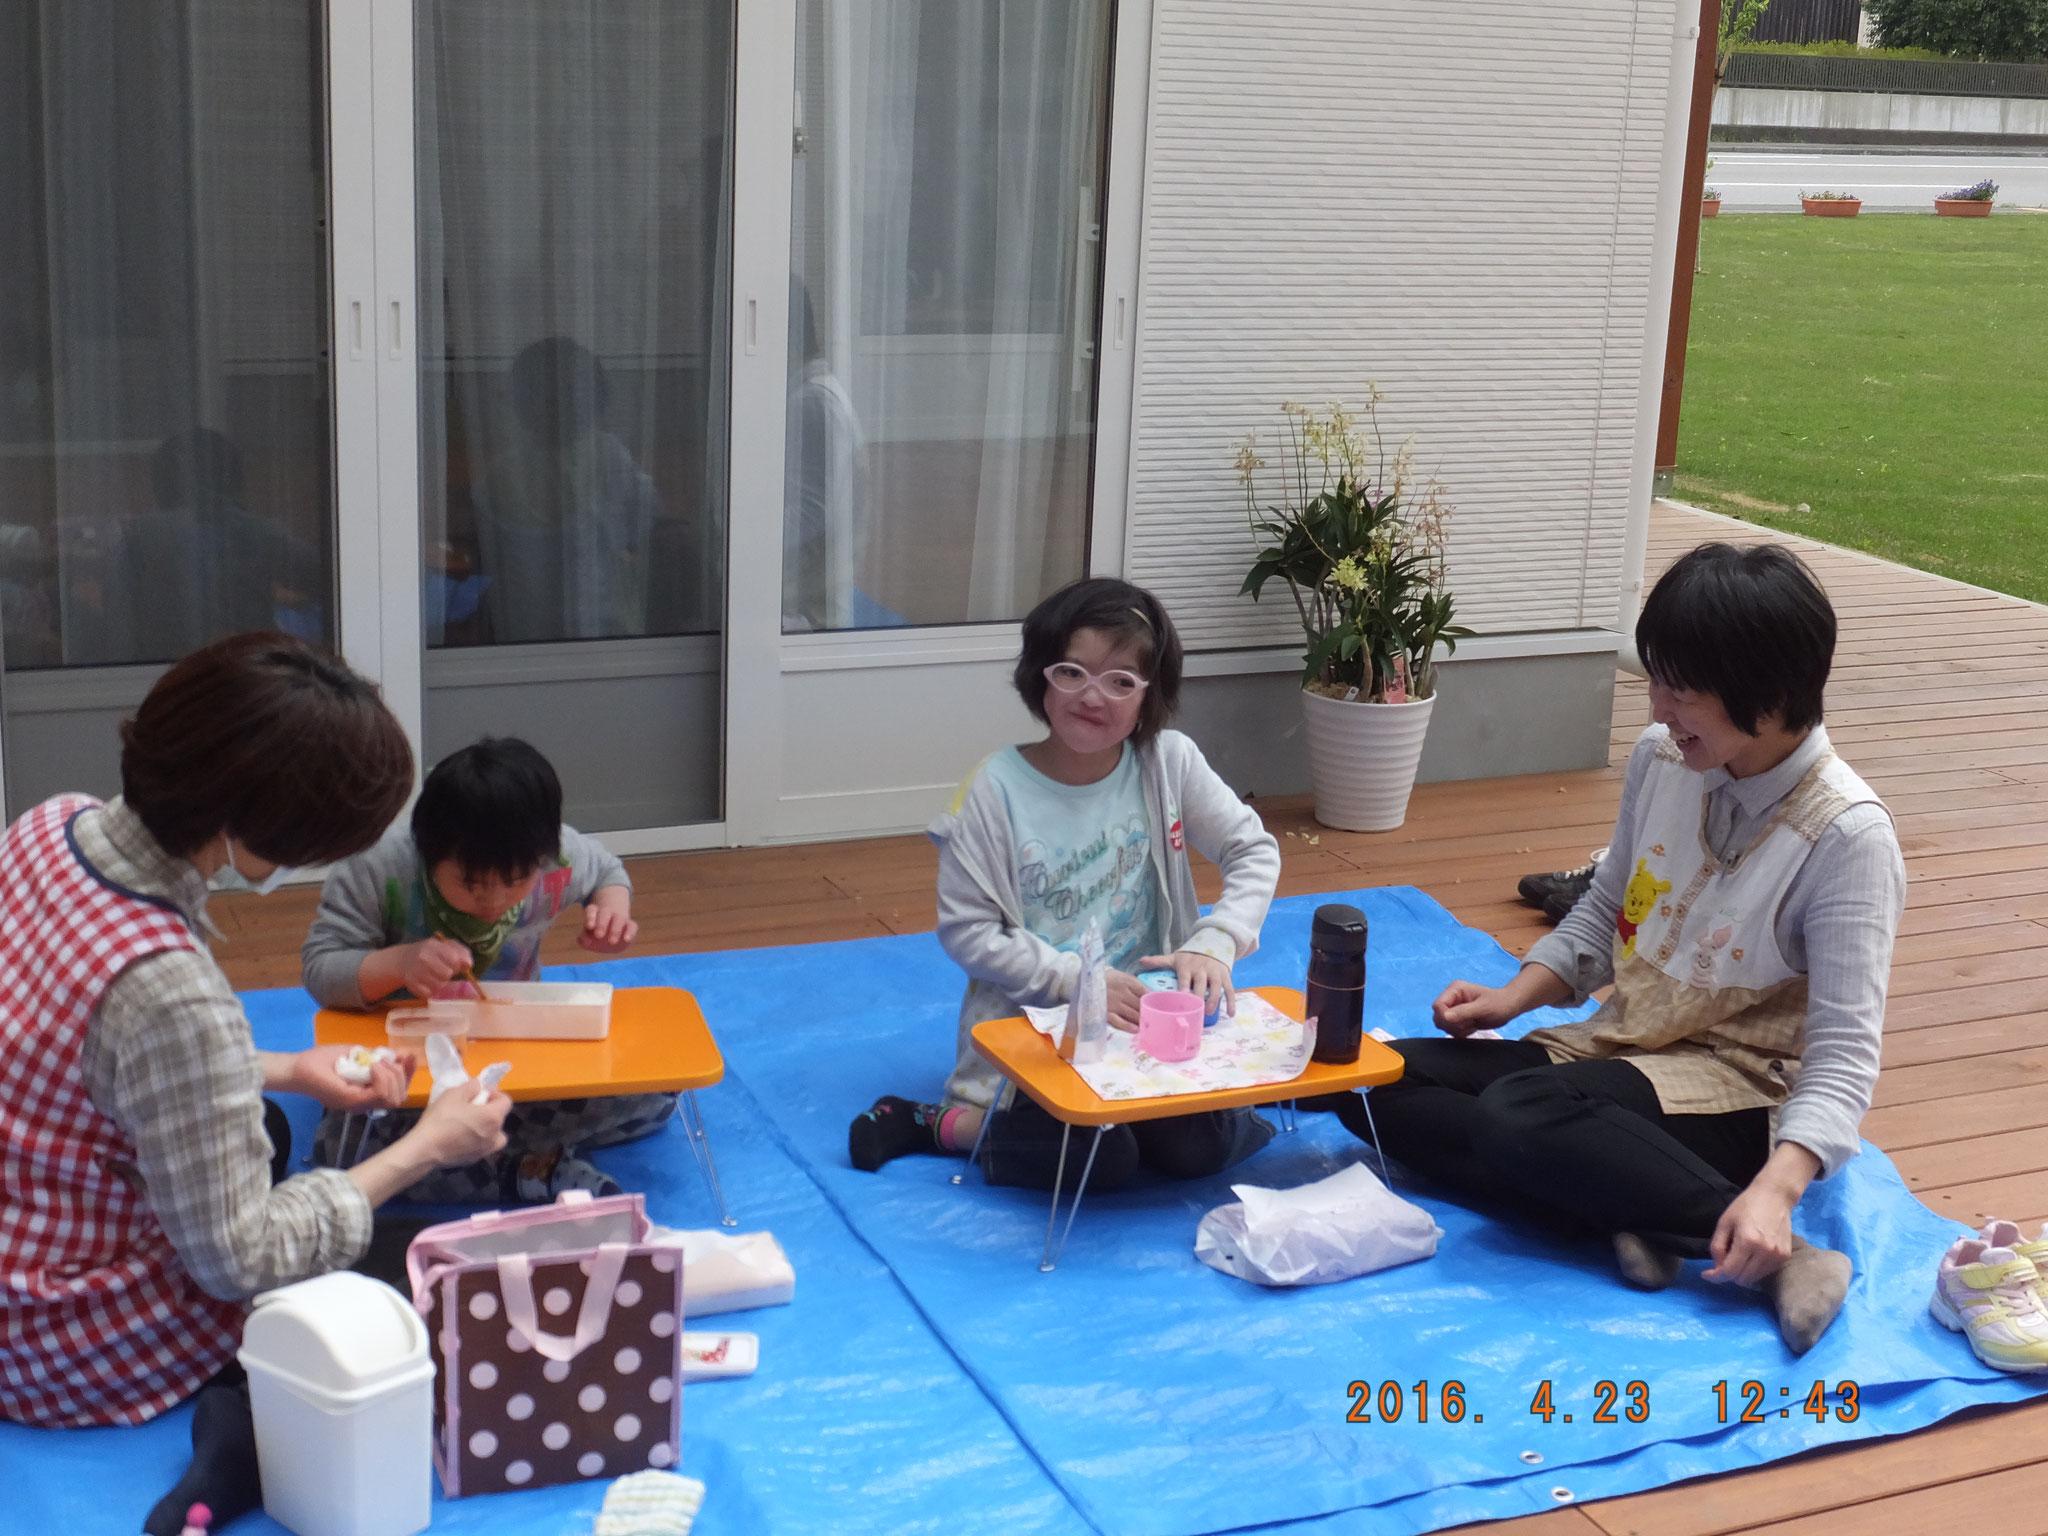 Ⅰ 重症心身障害児者等の家族支援 - mhlw.go.jp